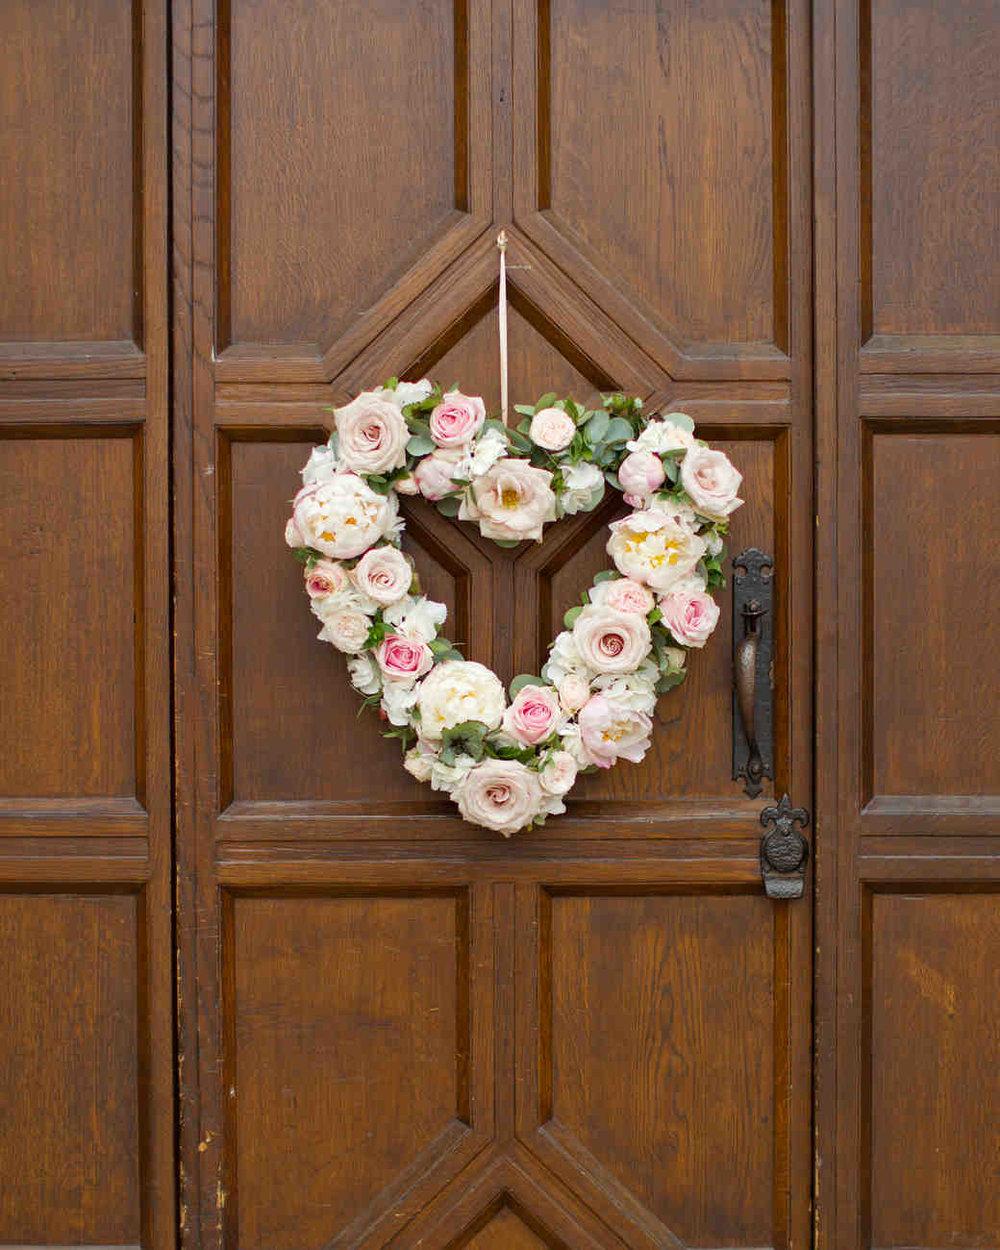 hayley-andrew-wedding-wreath-0714_vert.jpg